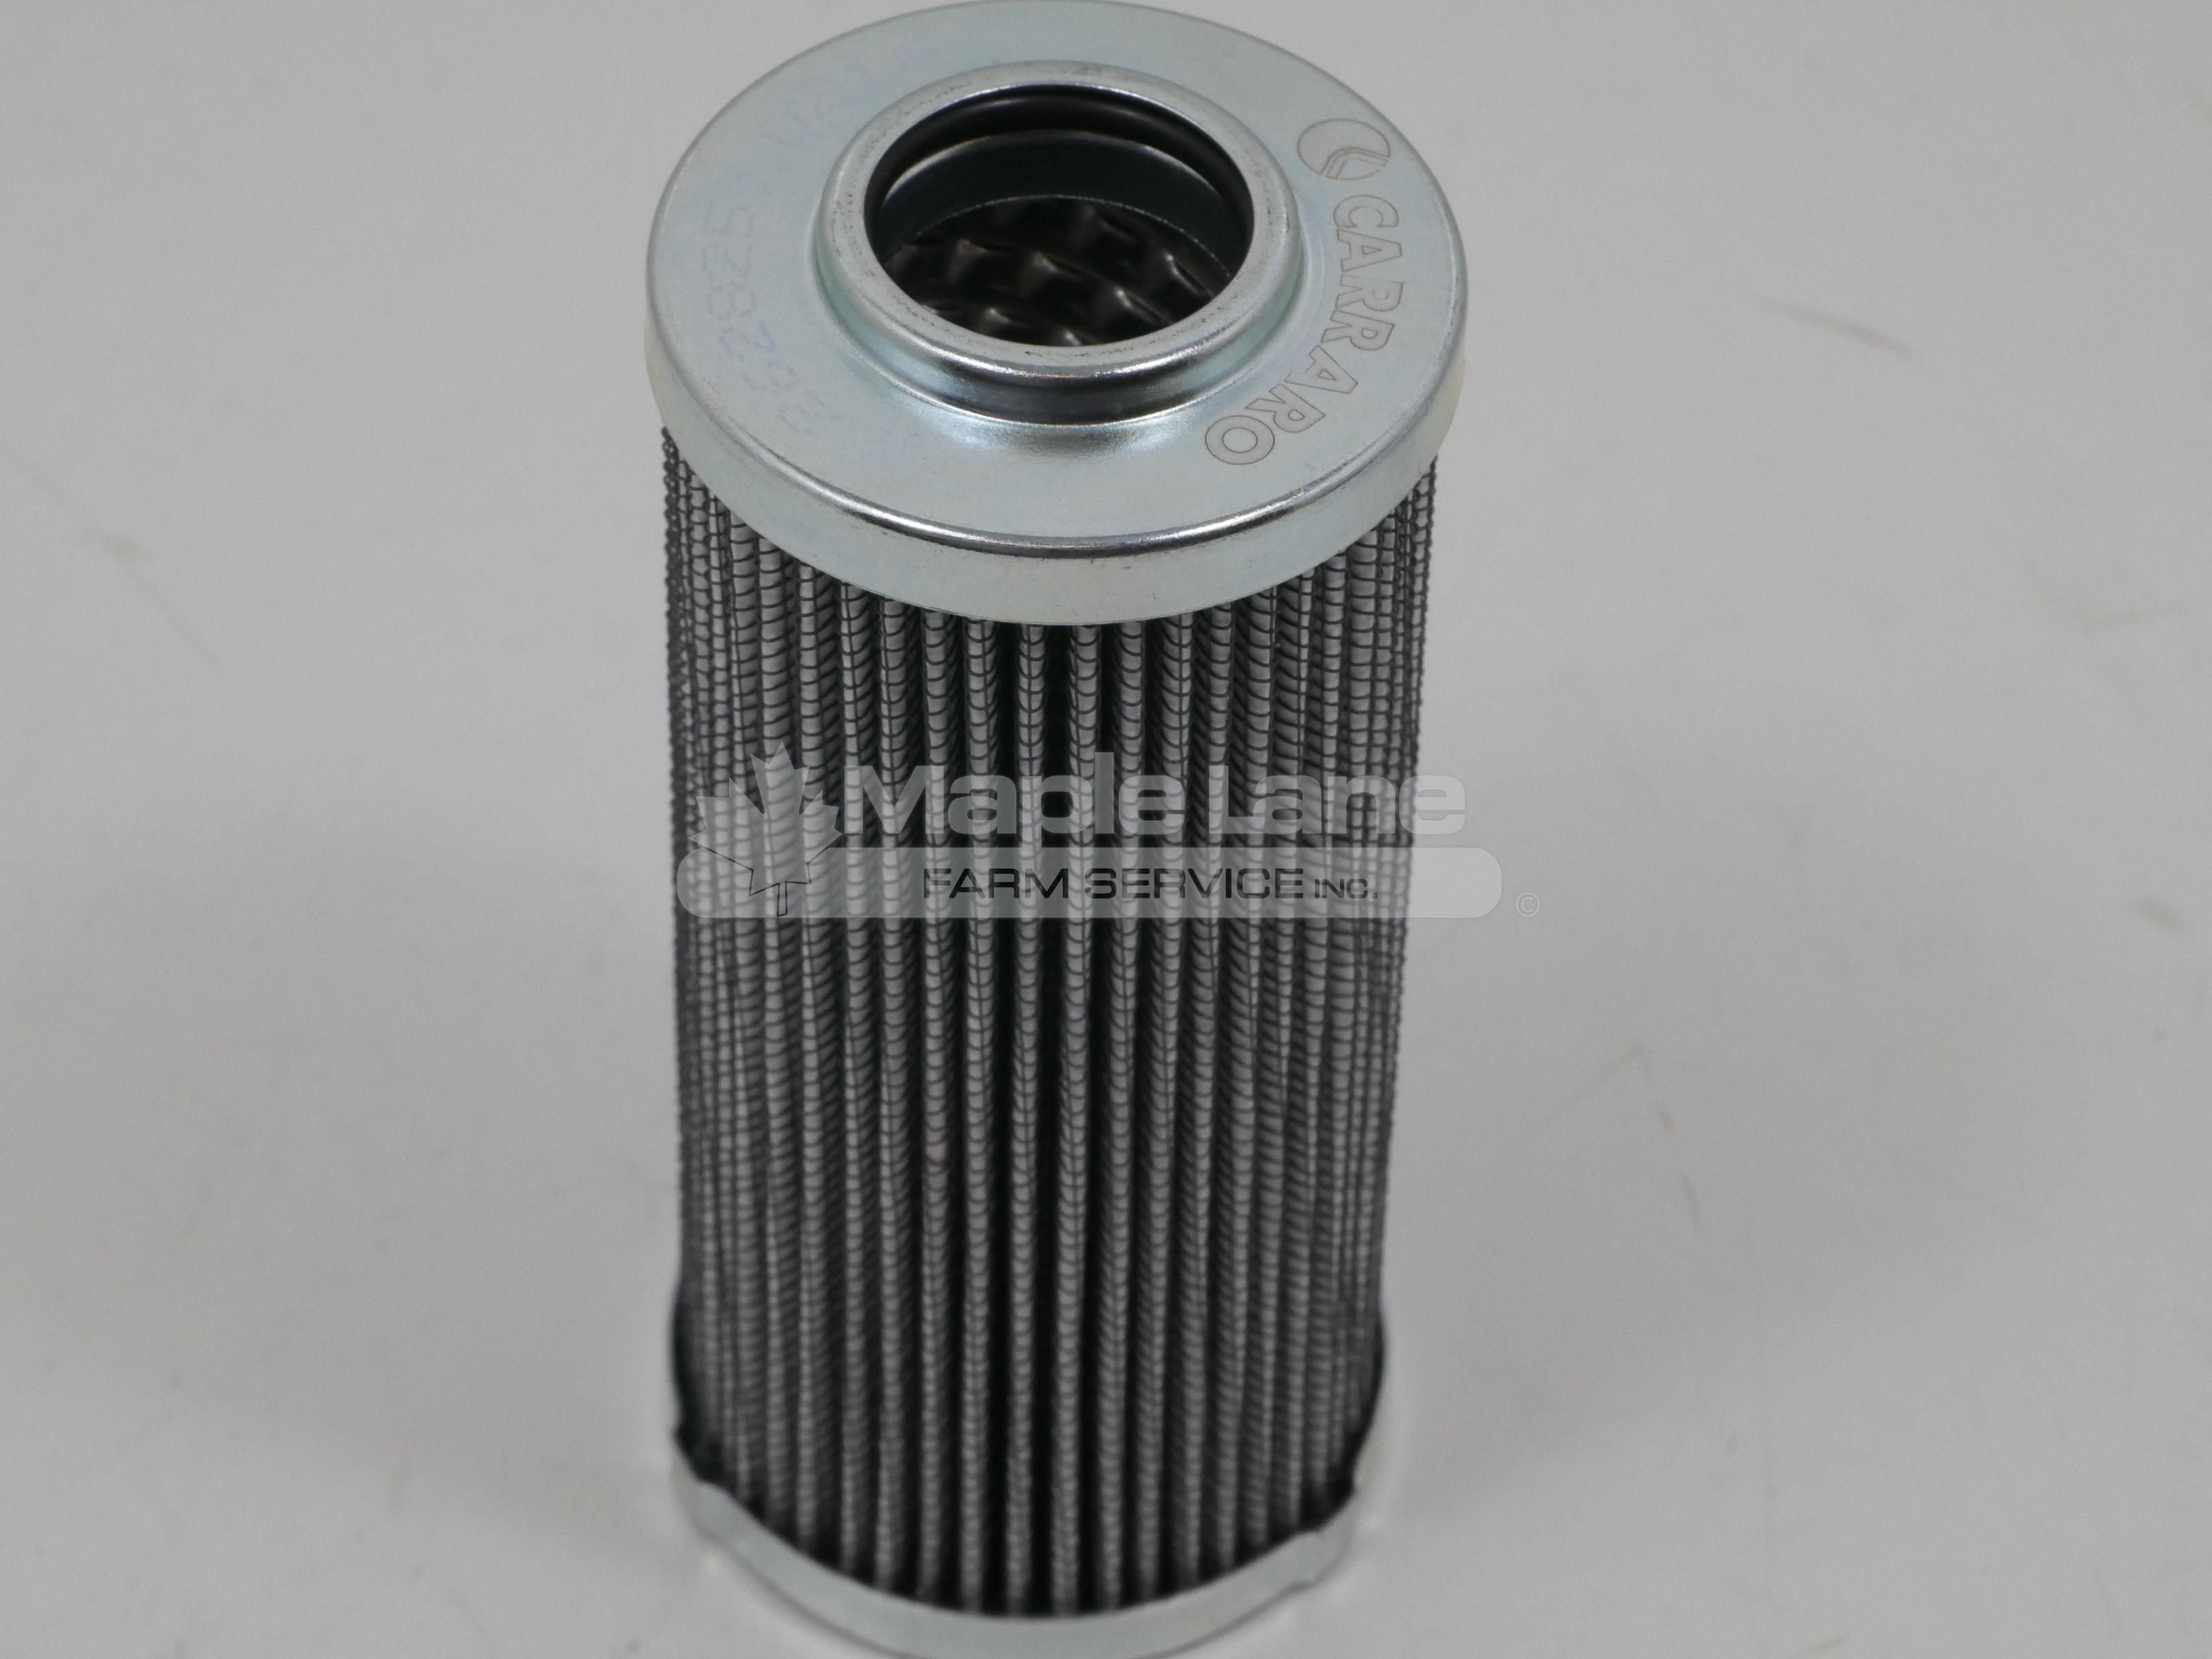 VA262825 Filter Element